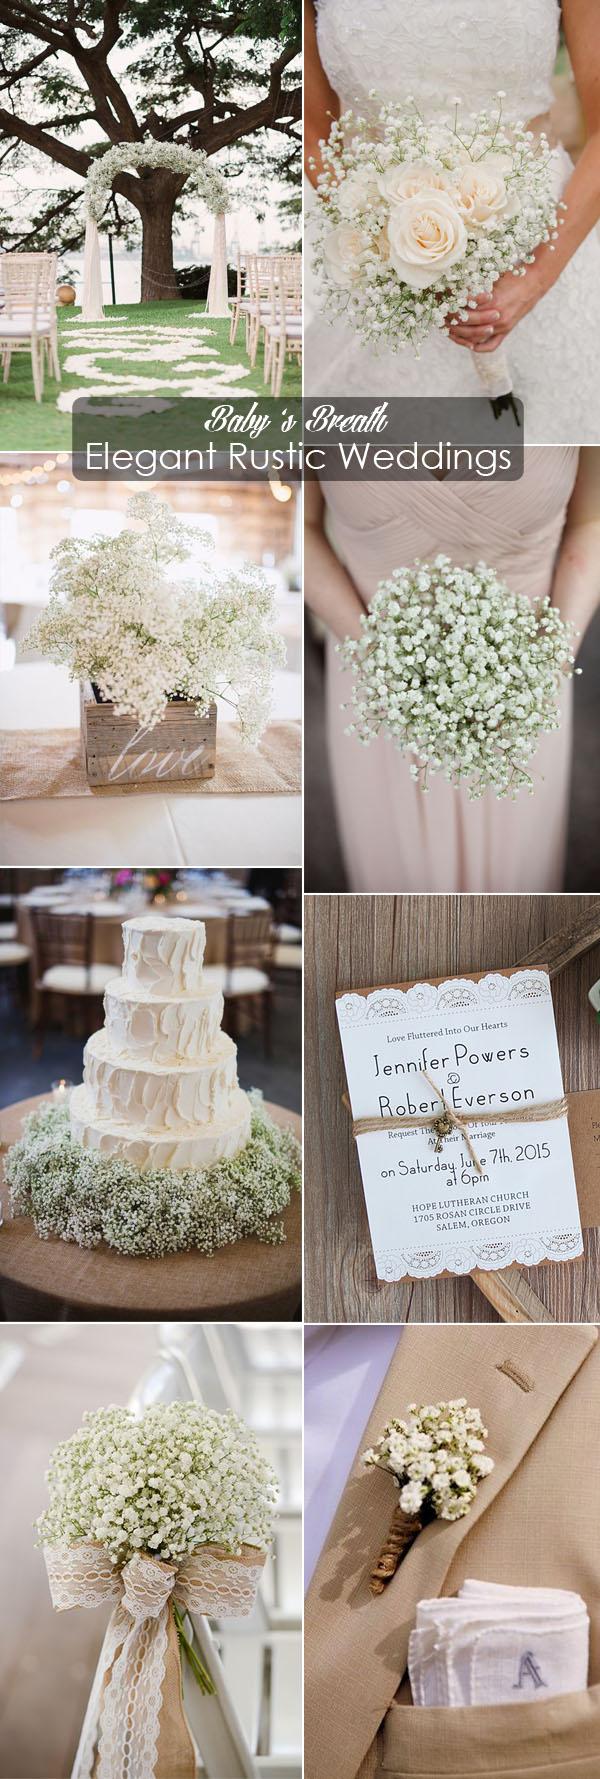 inspirational baby s breath elegant rustic wedding ideas